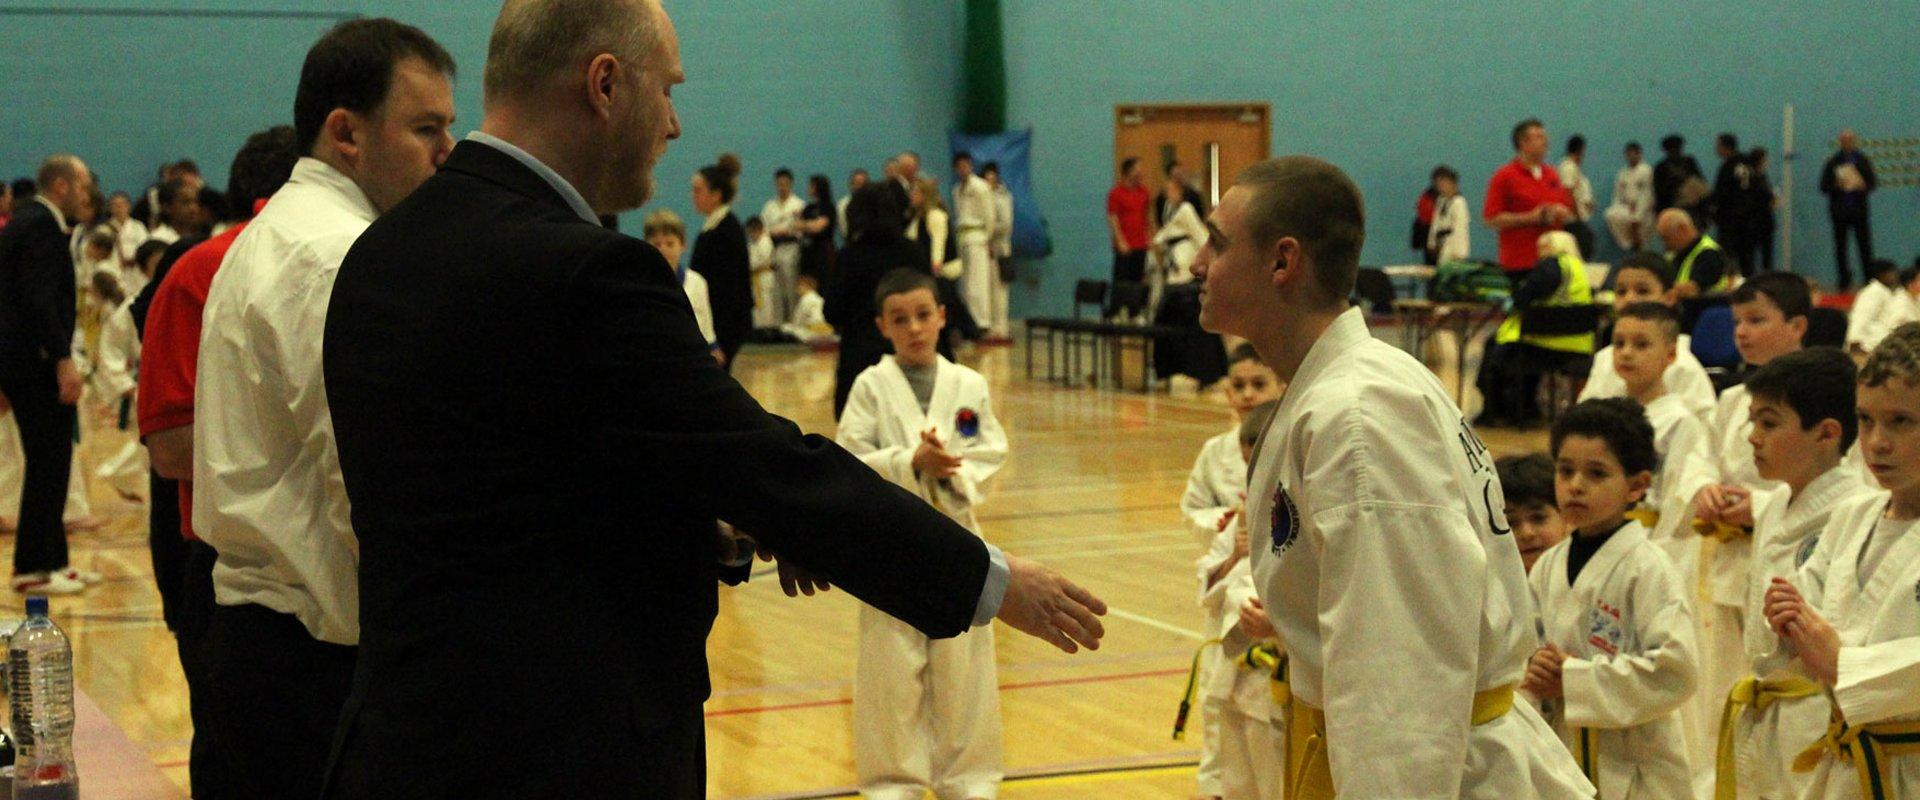 karate expert